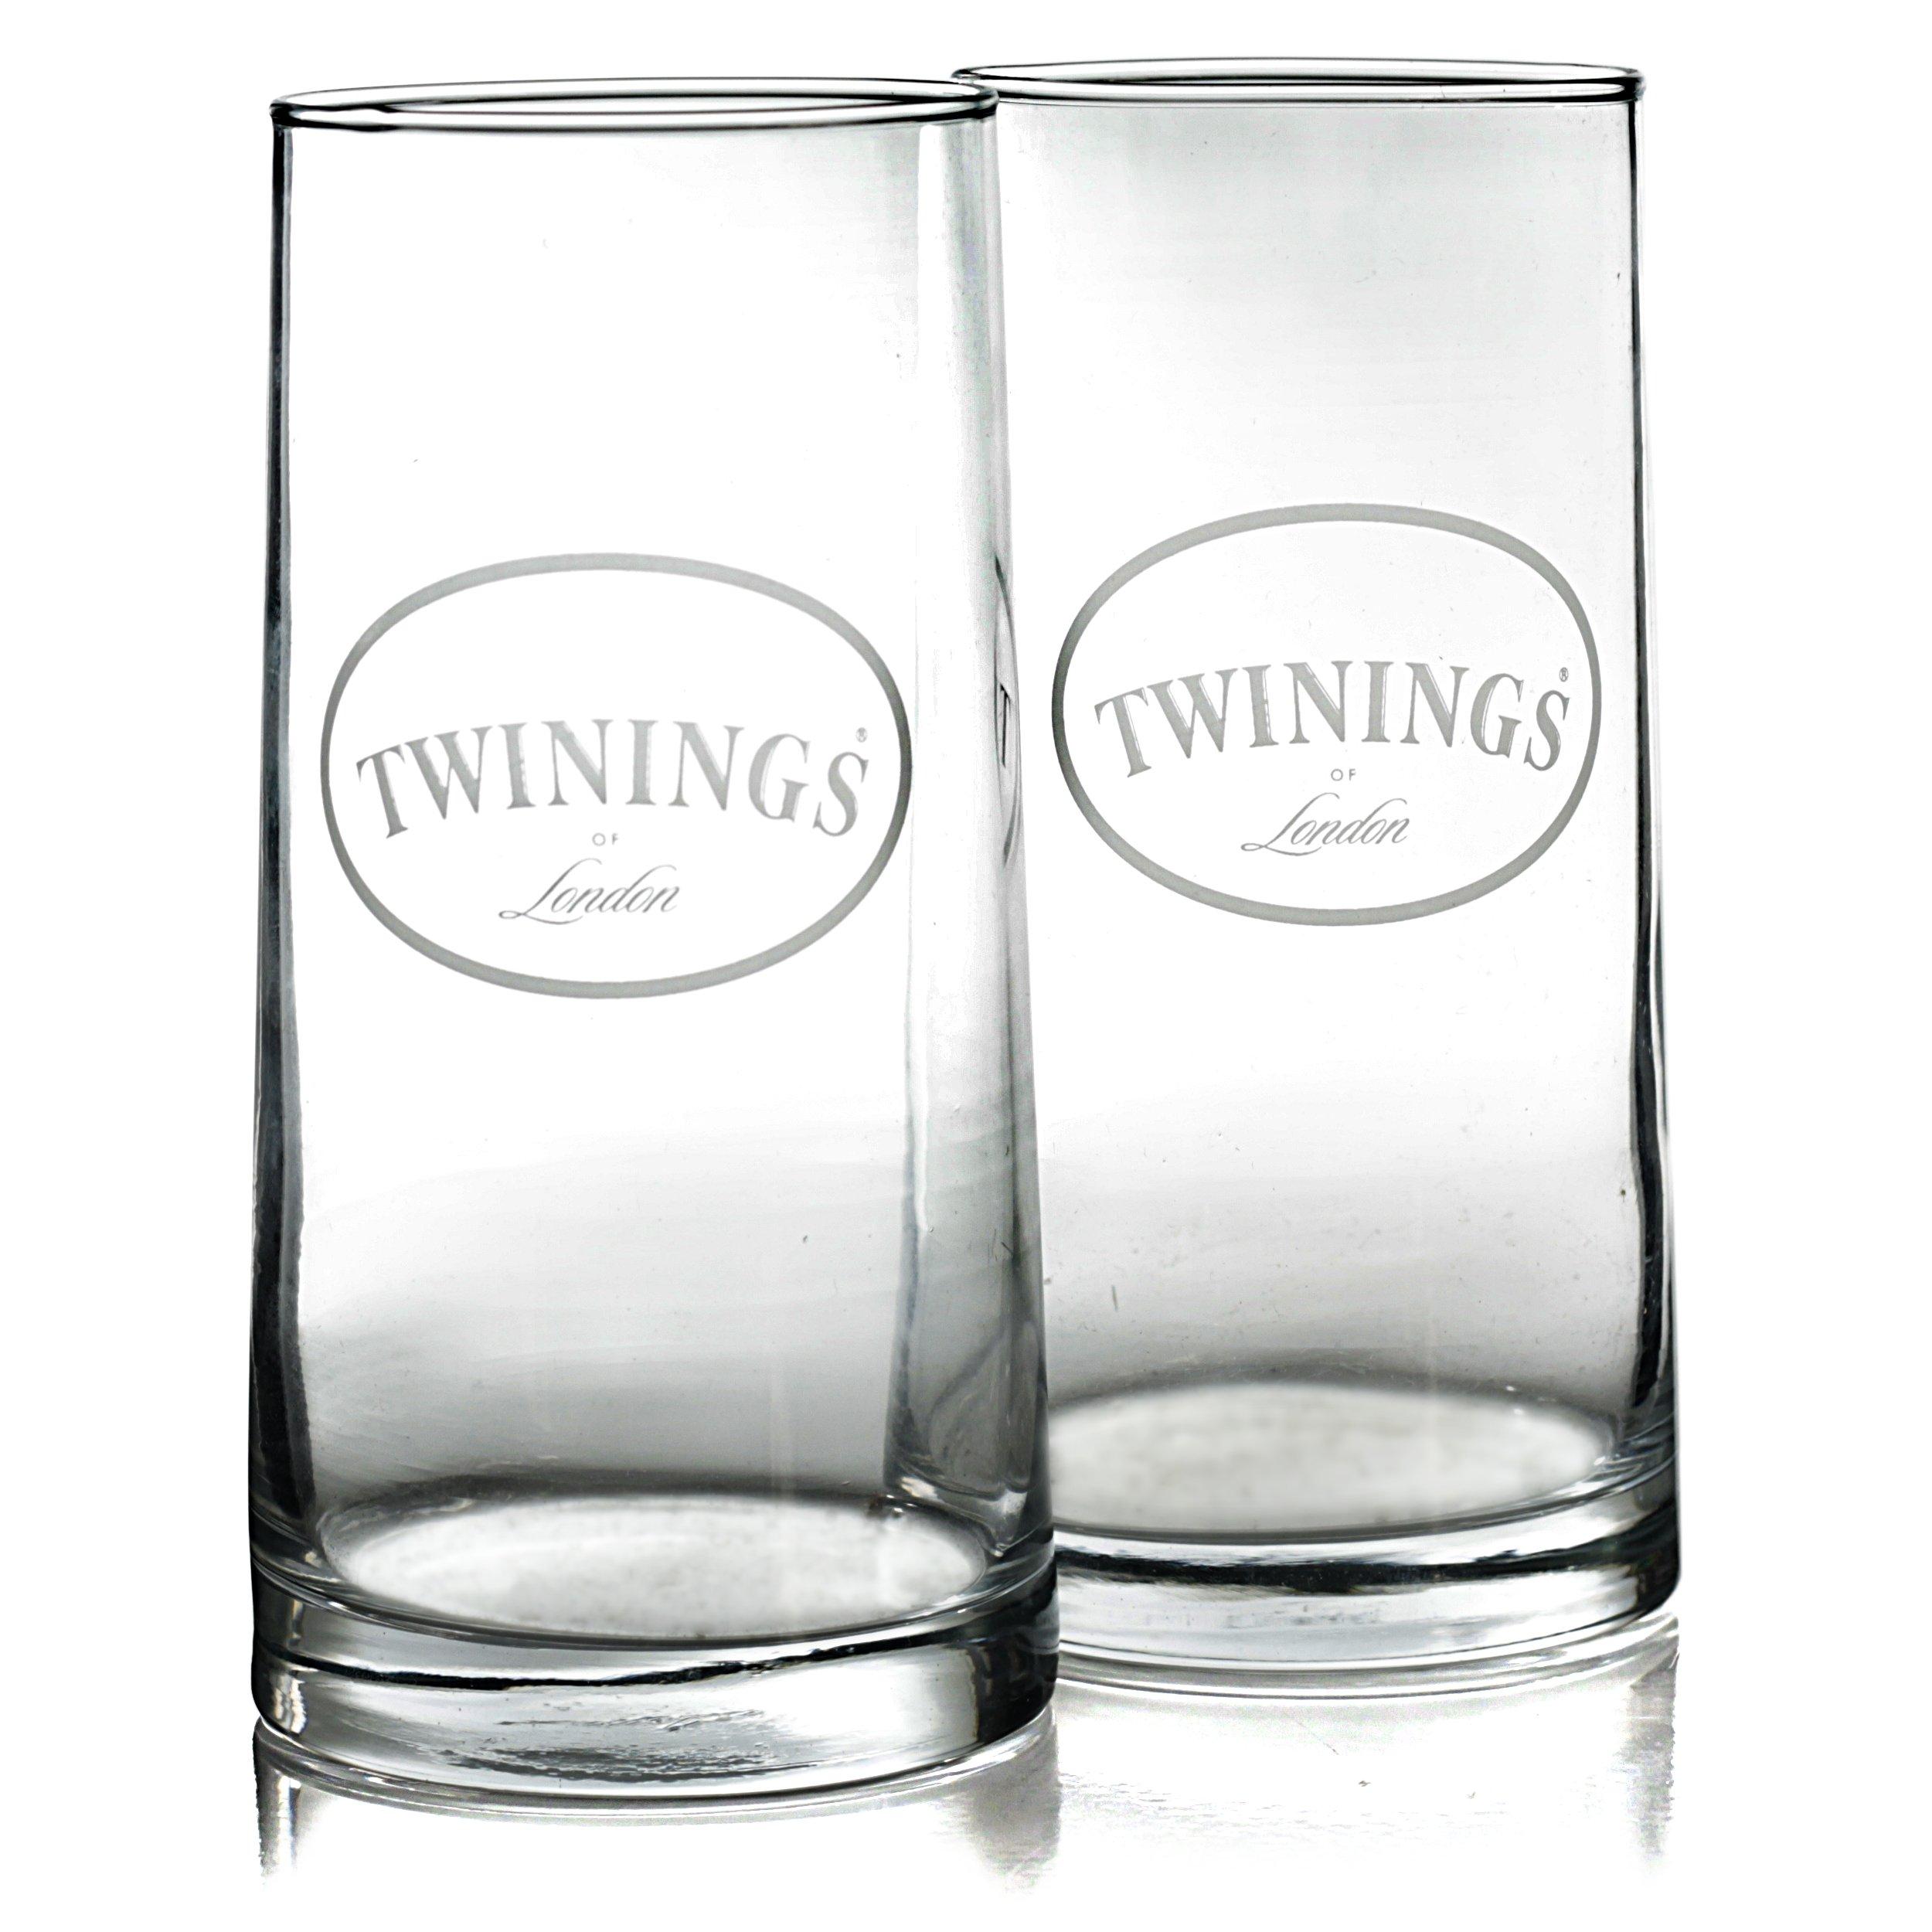 Twinings 13 Ounce Iced Tea Glass, Set of 2